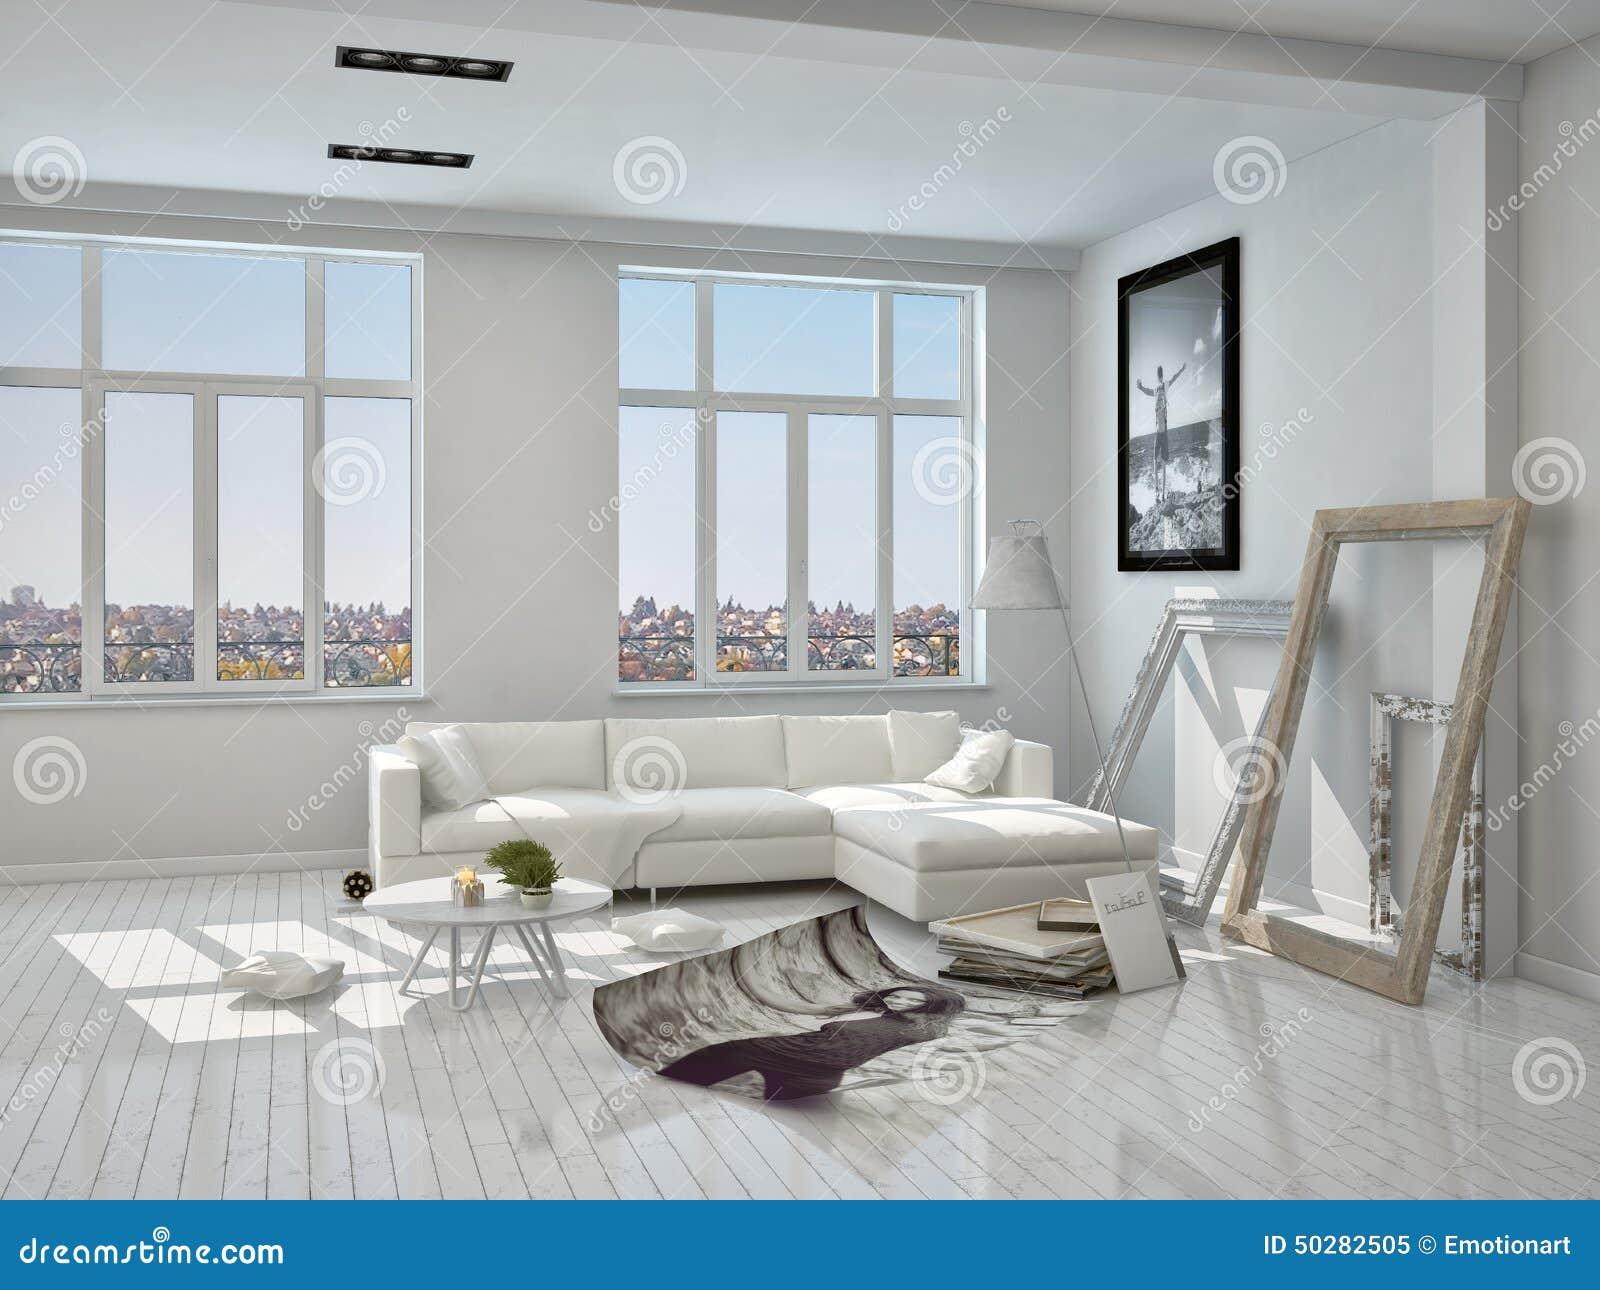 Koraalkleur De Woonkamer : Witte woonkamer met onvolledige decoratie stock illustratie